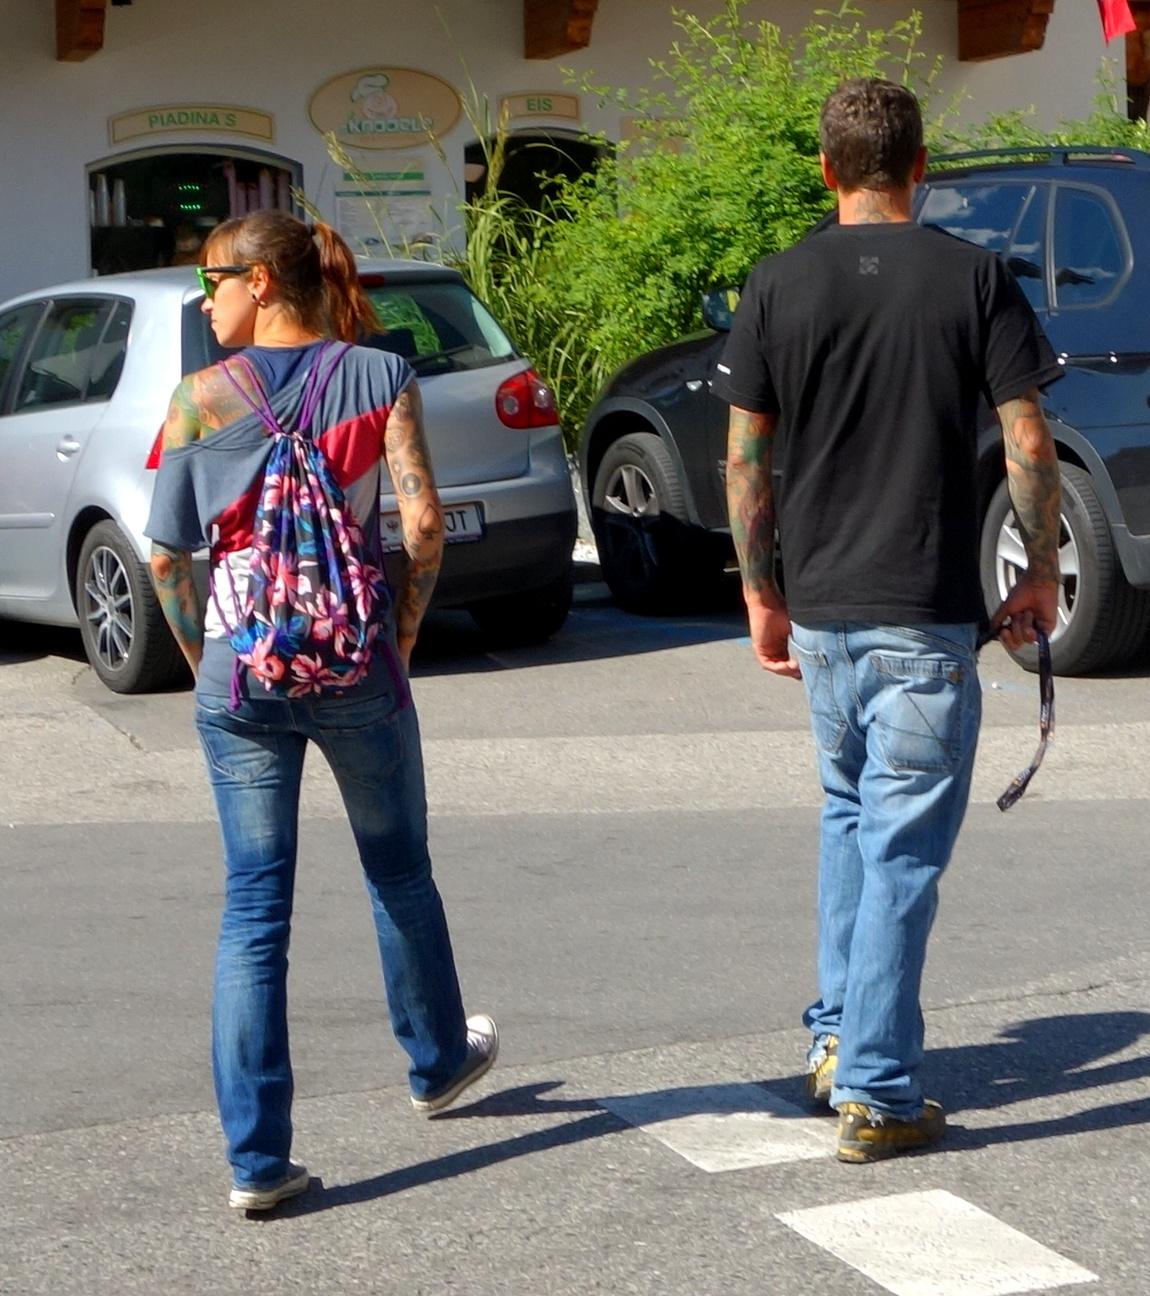 Молодые люди с татуировками на теле в Австрии